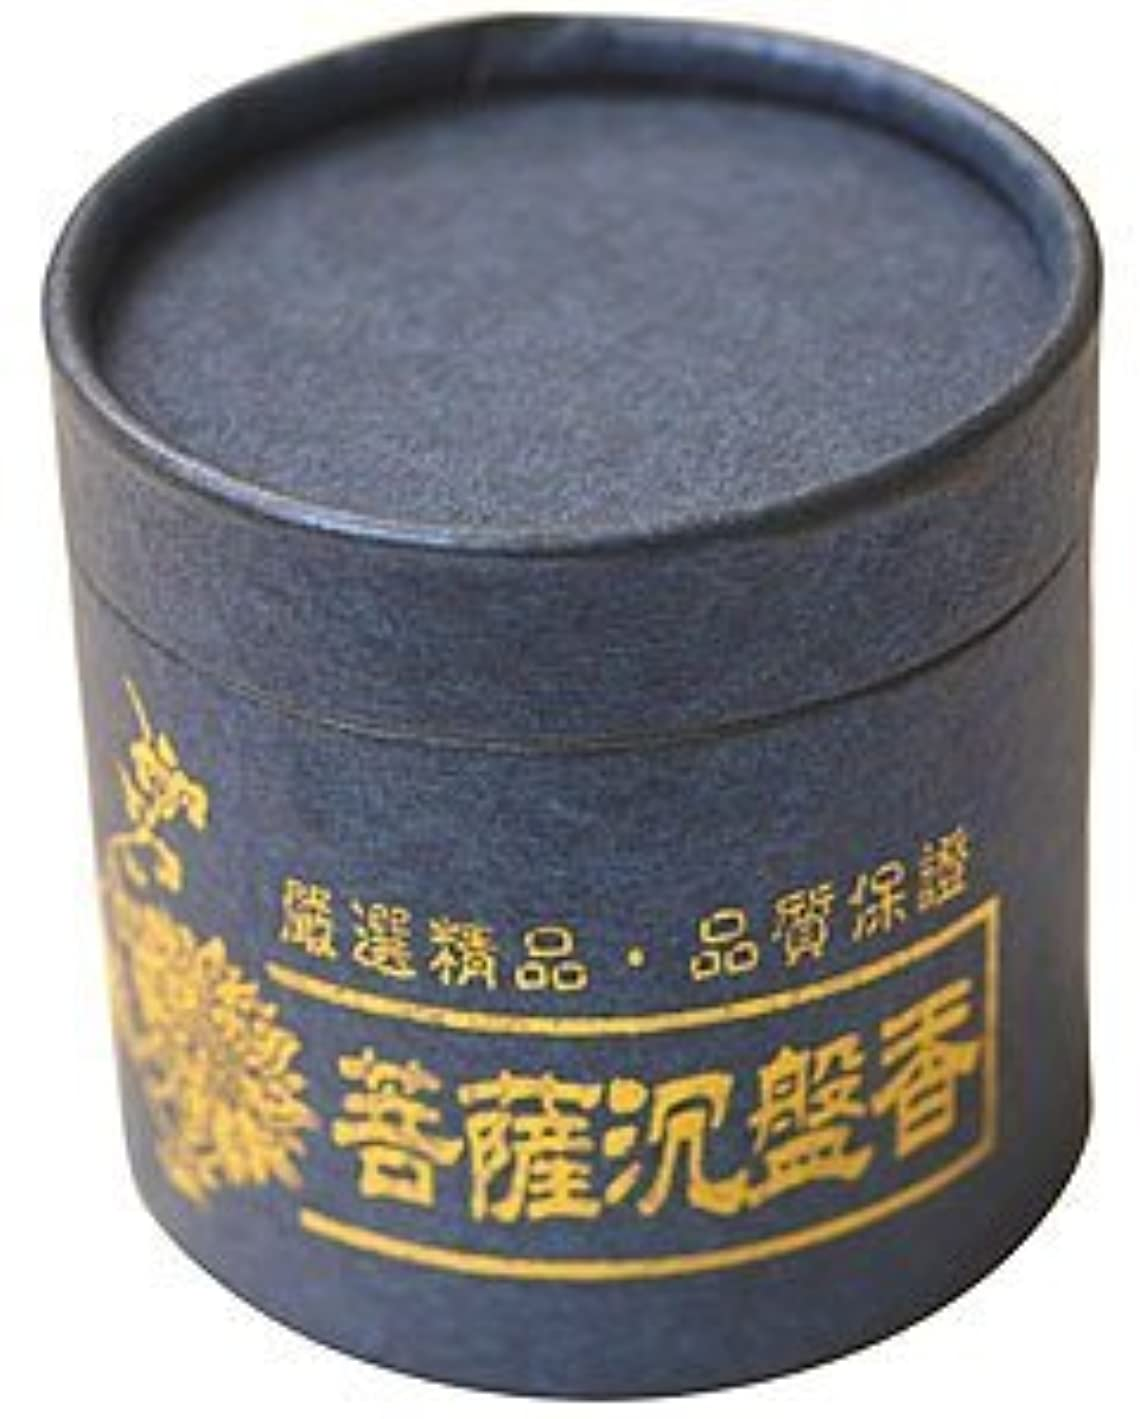 不屈バスルームまたは菩薩沈盤香 中国広州のお香【菩薩沈盤香】ベトナムホイアン産沈香使用